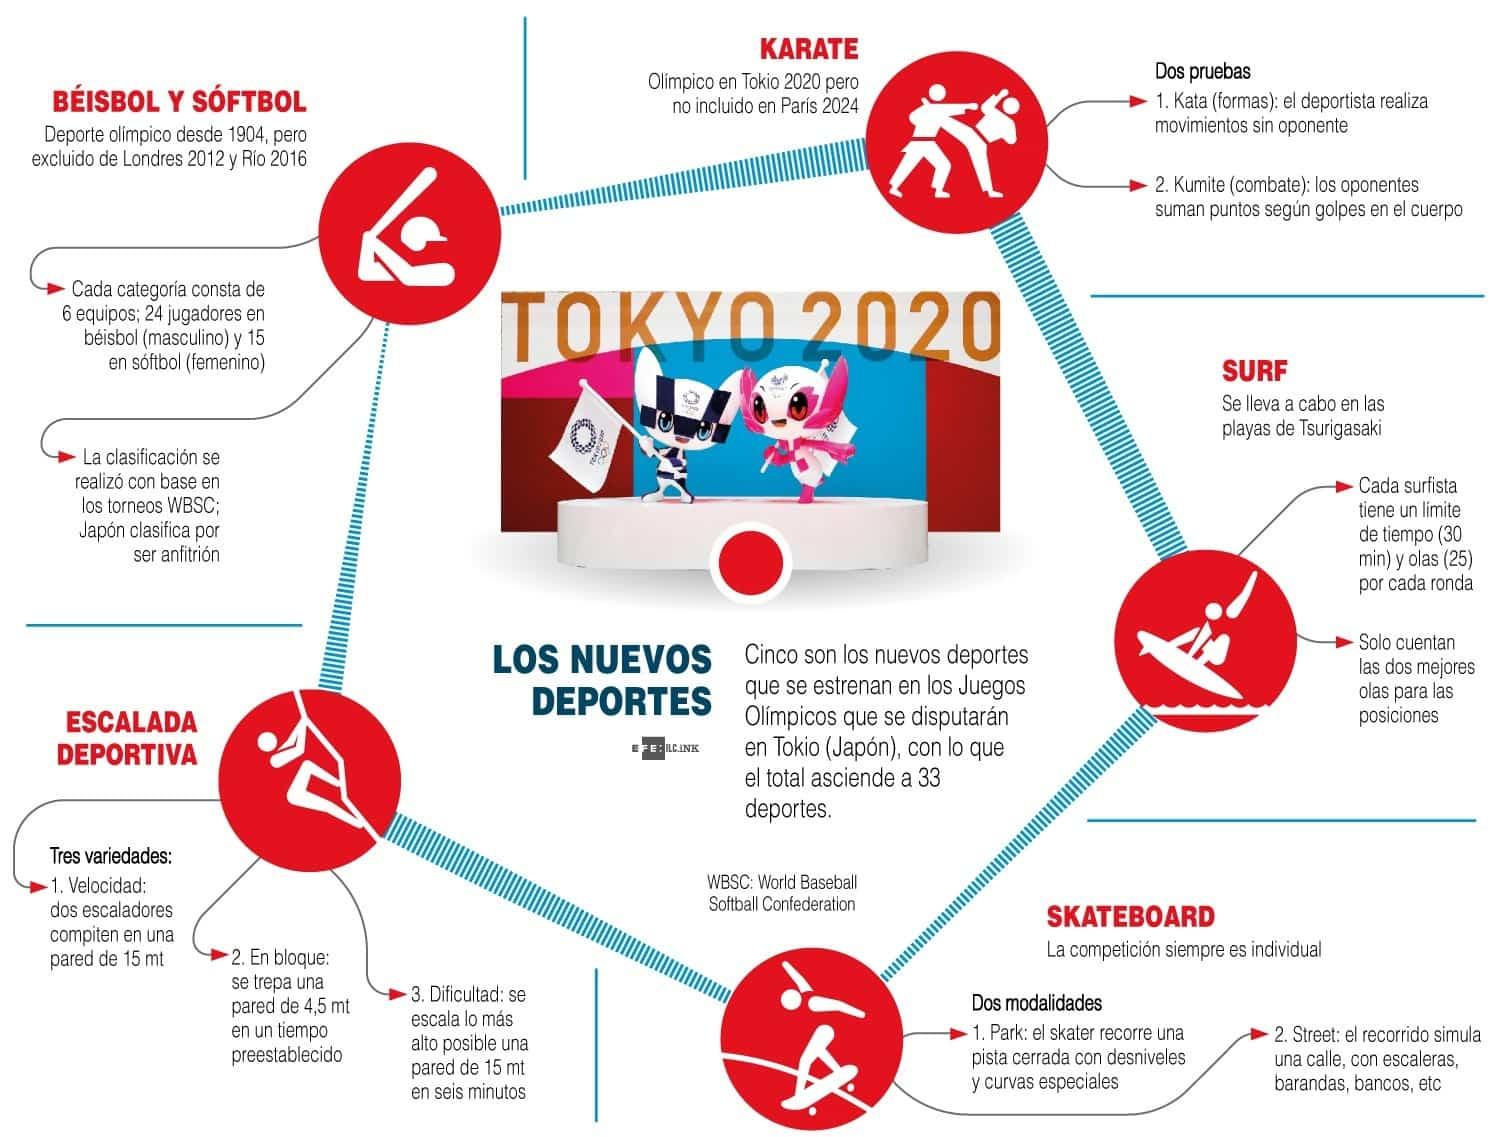 [Infografía] los nuevos deportes en Tokio 2020 1